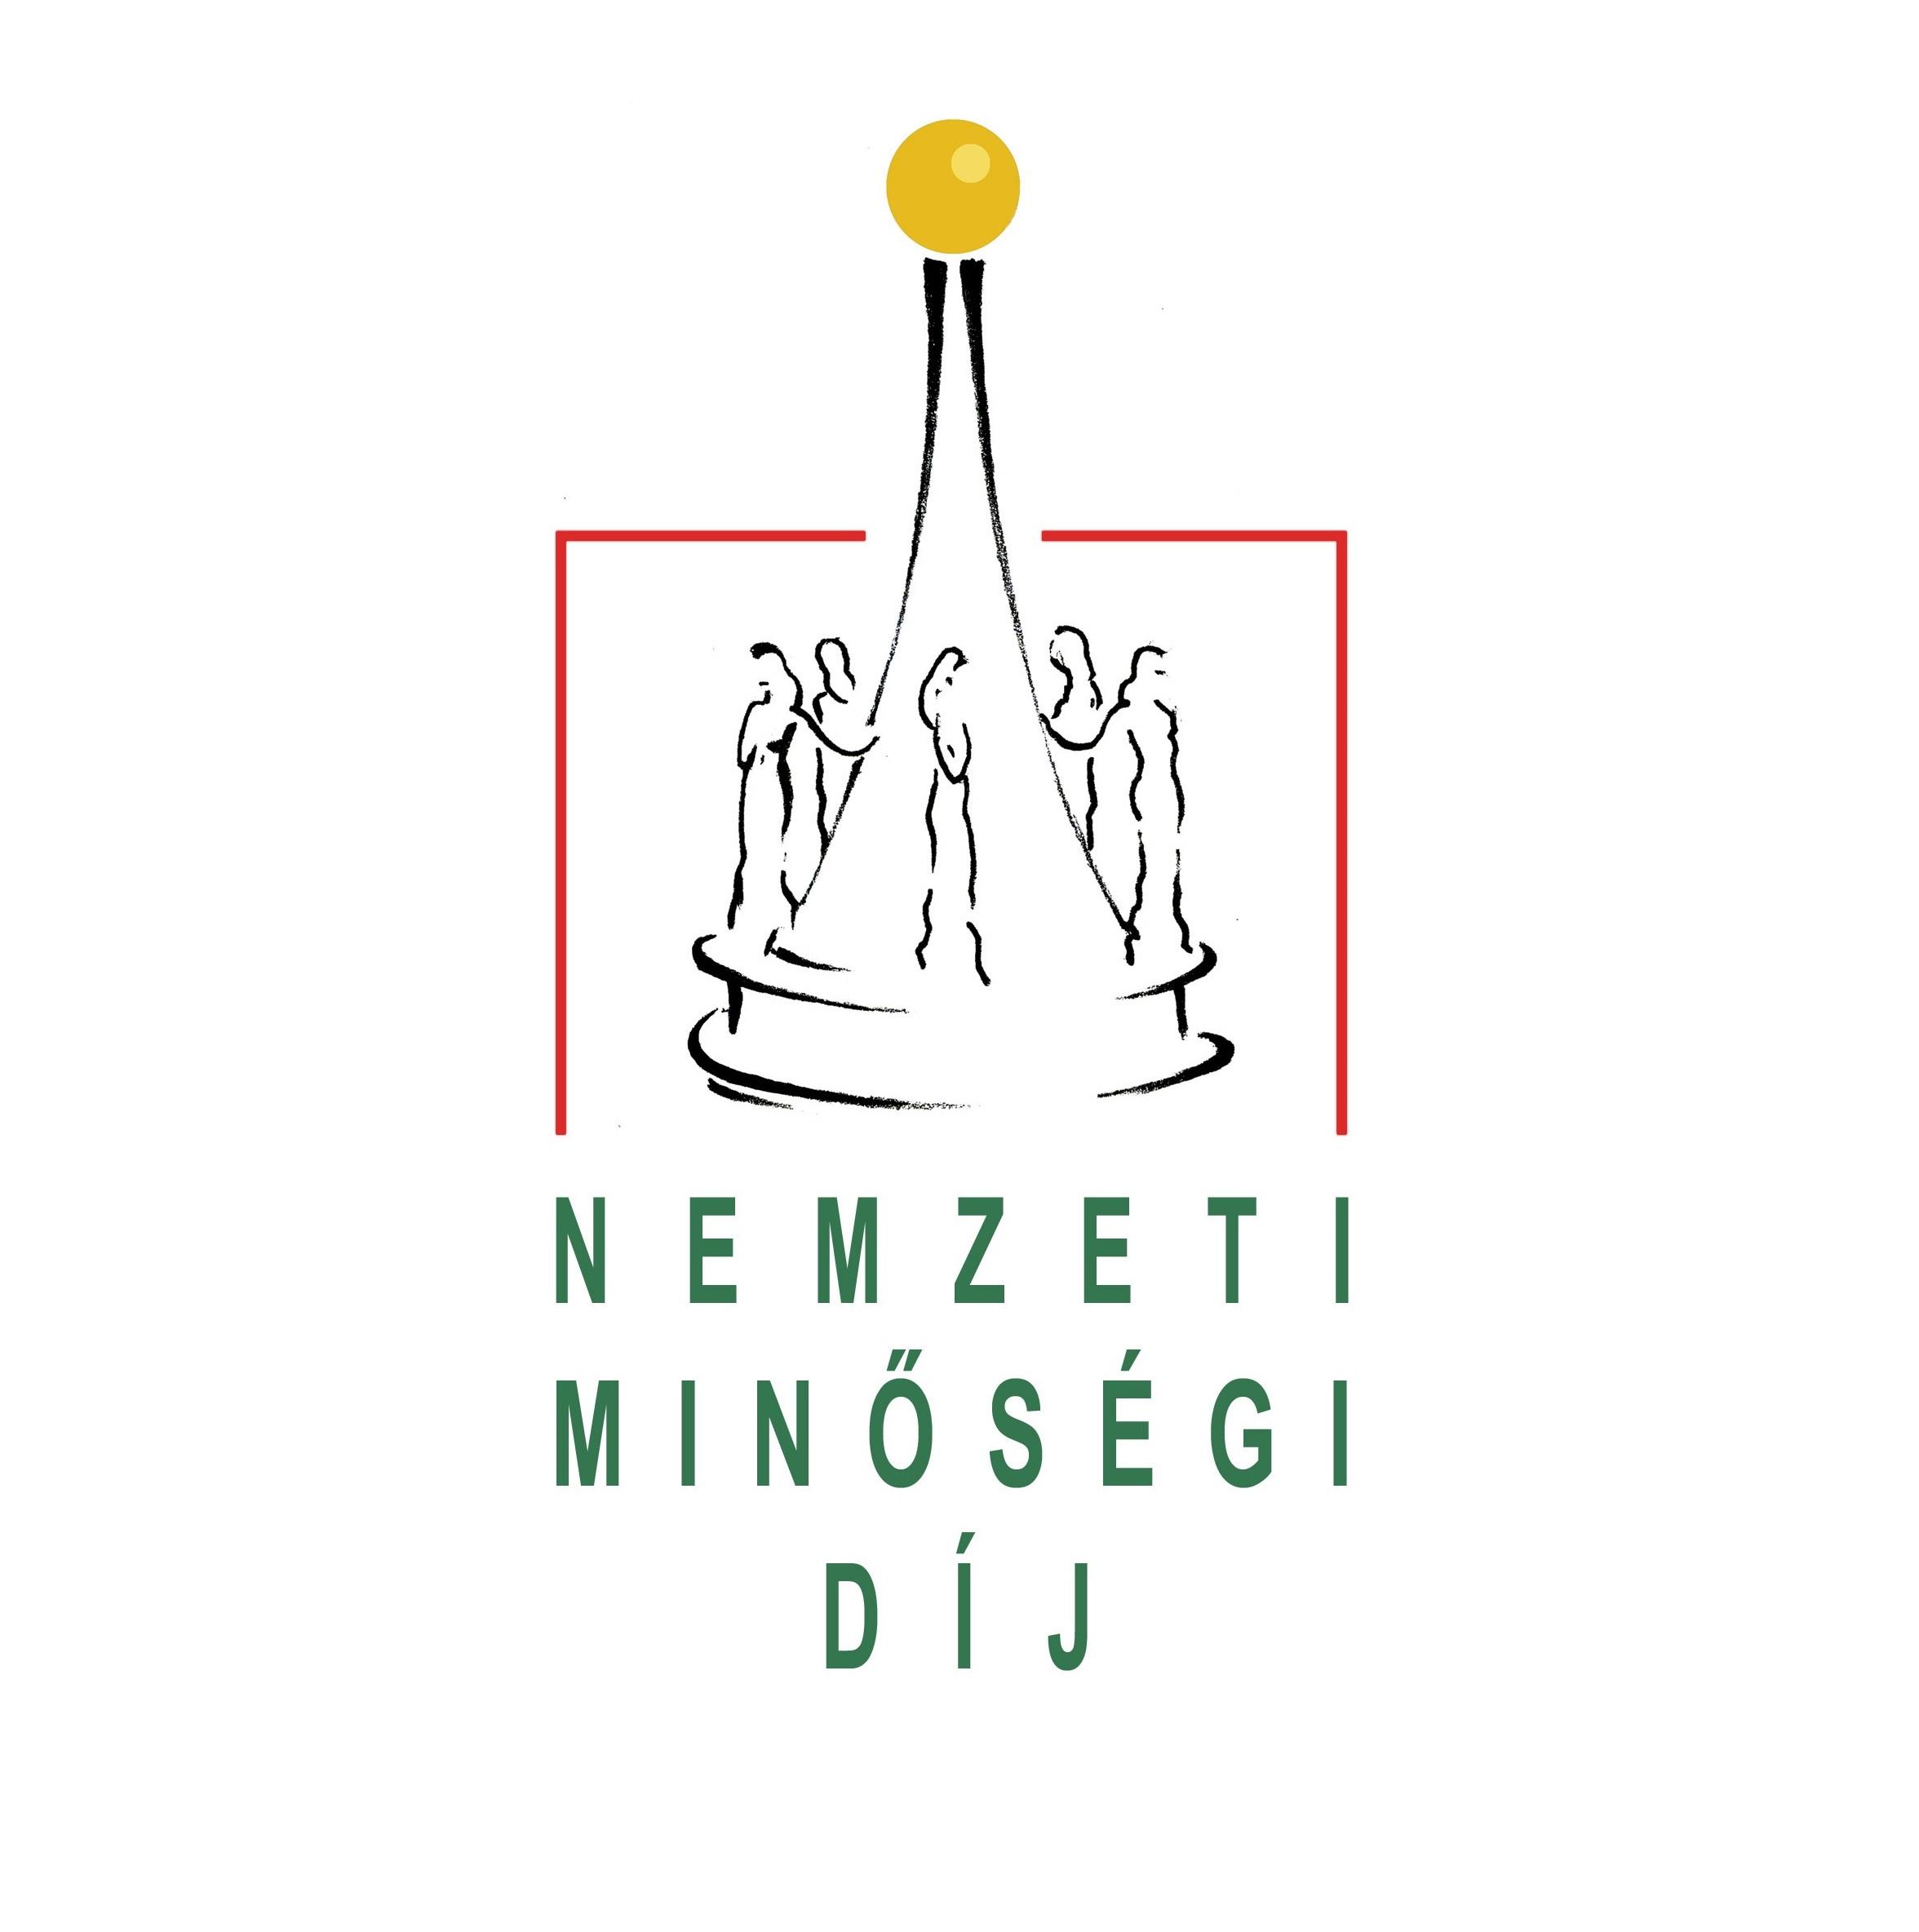 Nemzeti Minőségi Díj logó_2007_től_kivágott